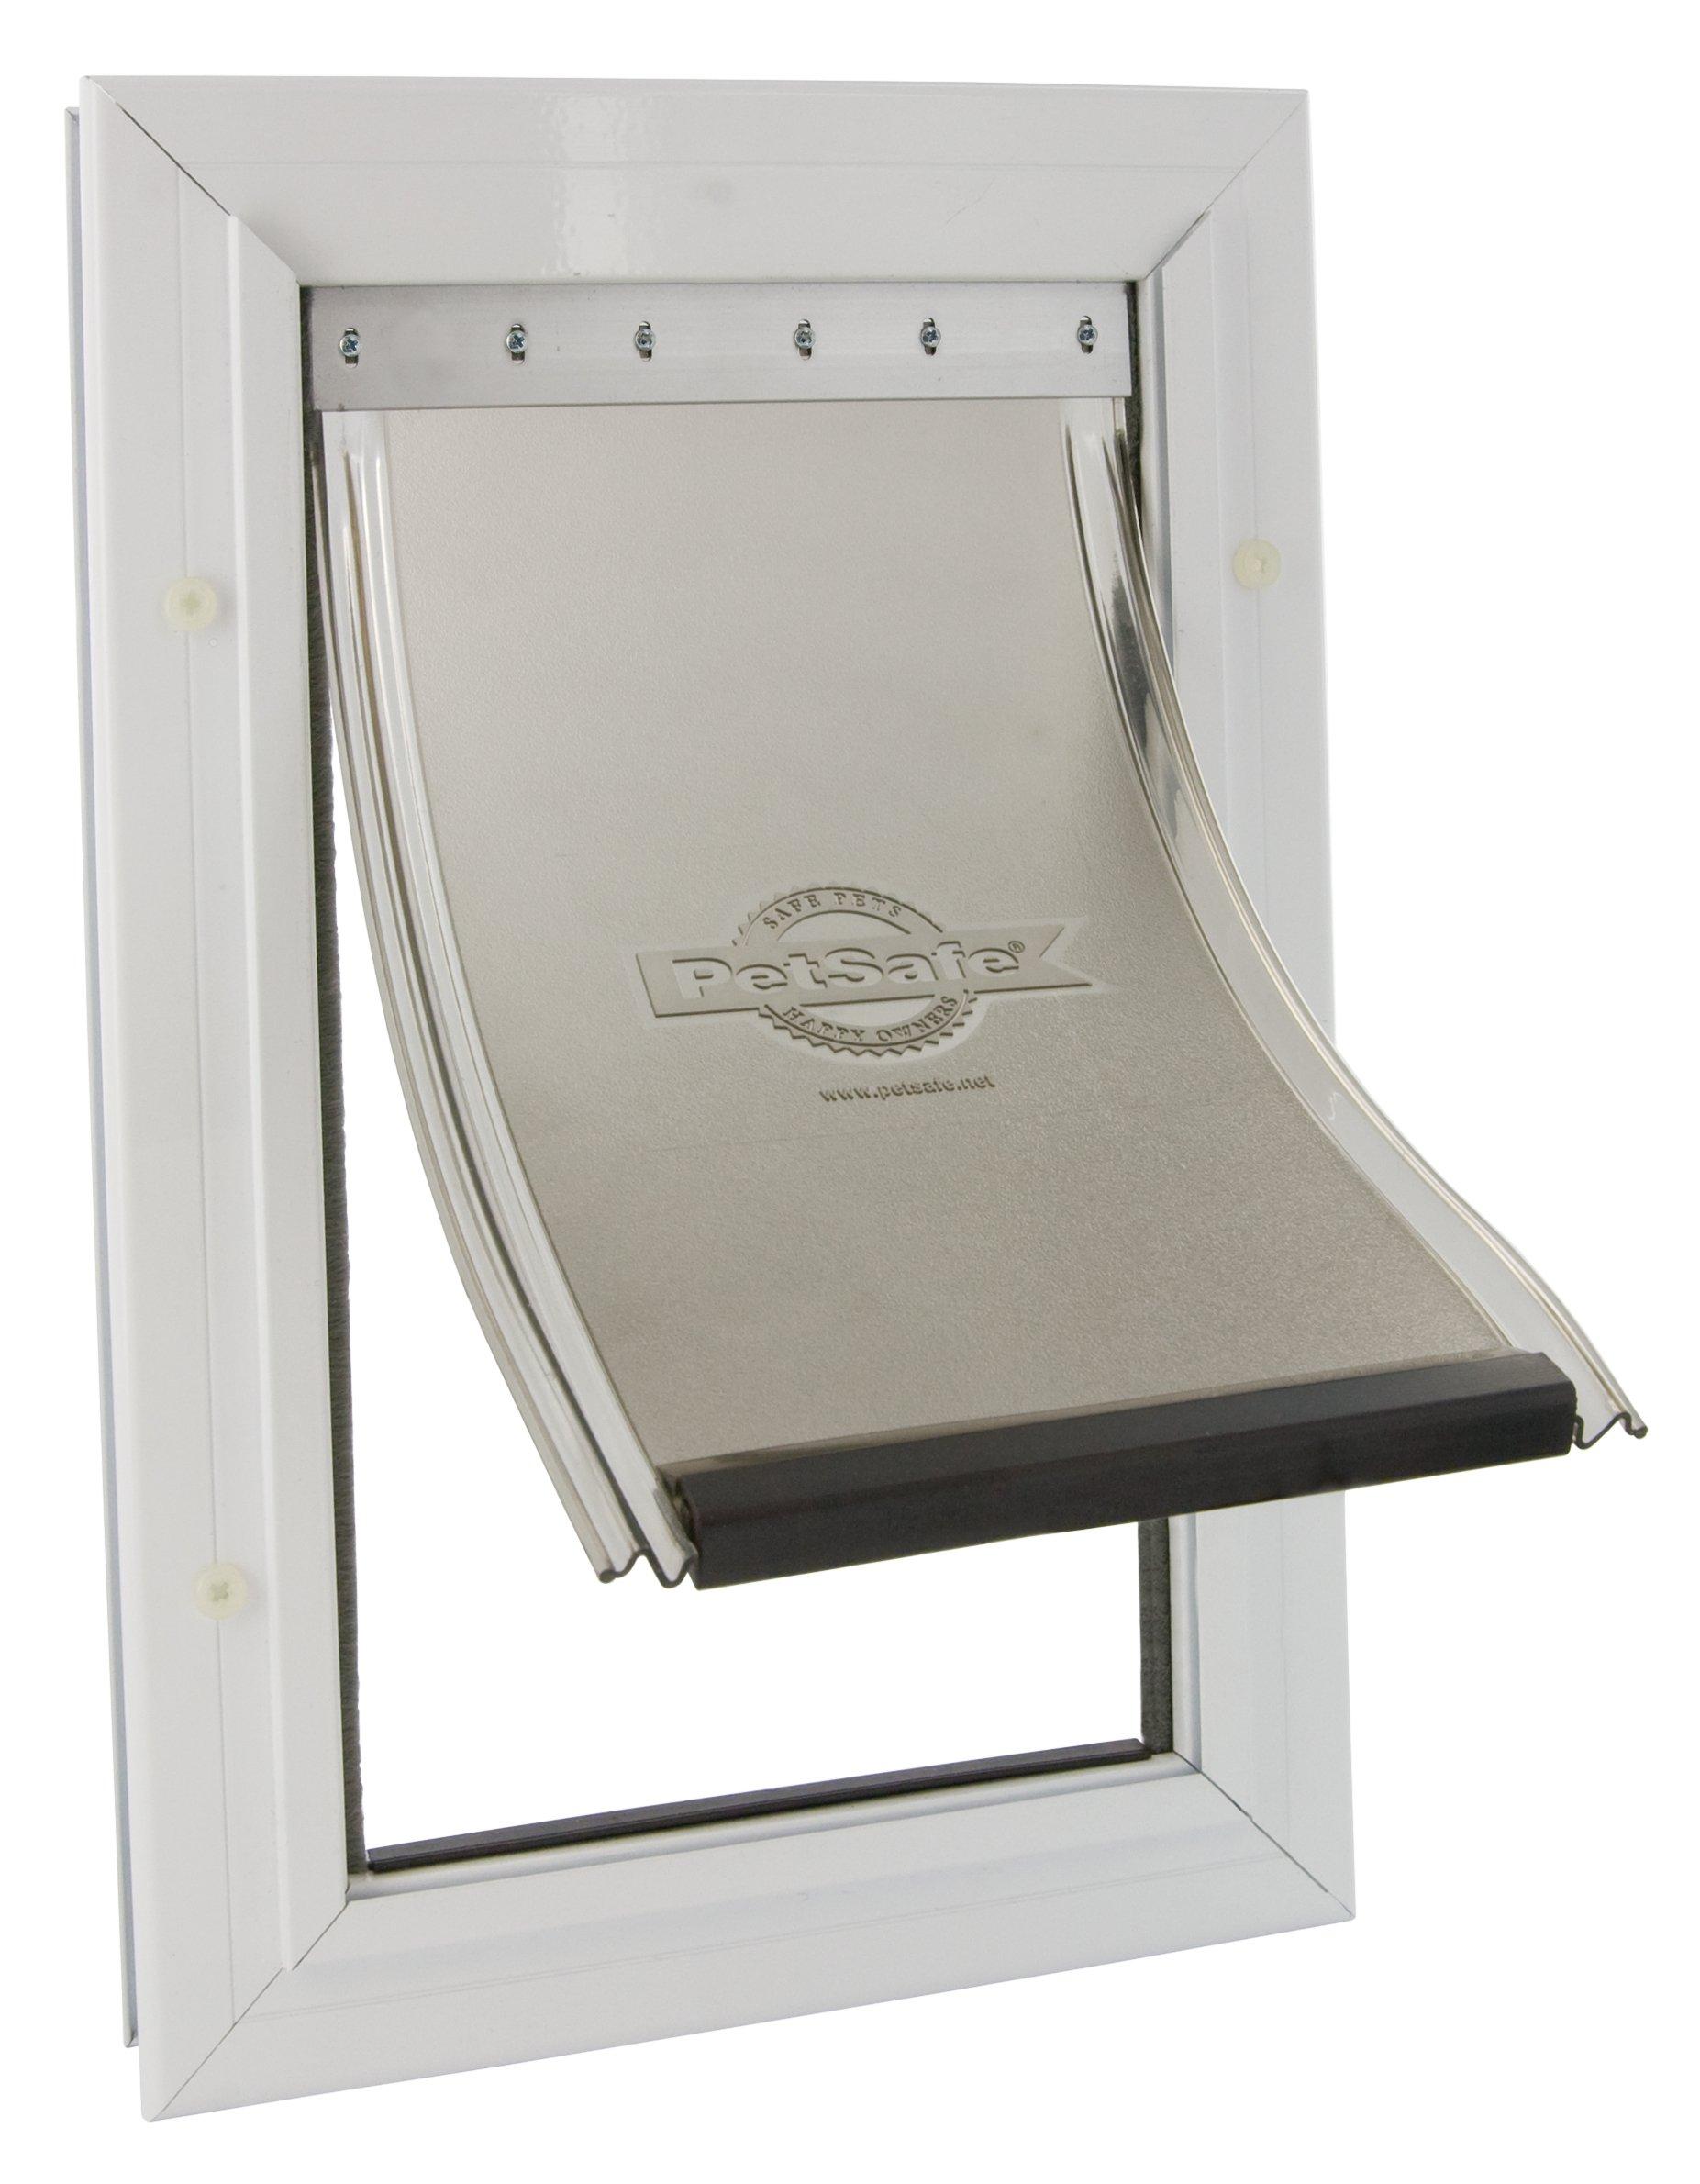 PetSafe - Très Grande Chatière Staywell en Aluminium pour Chien (XL) - avec Système de Verrouillage - Robuste - Isolante - (max. 100kg) product image